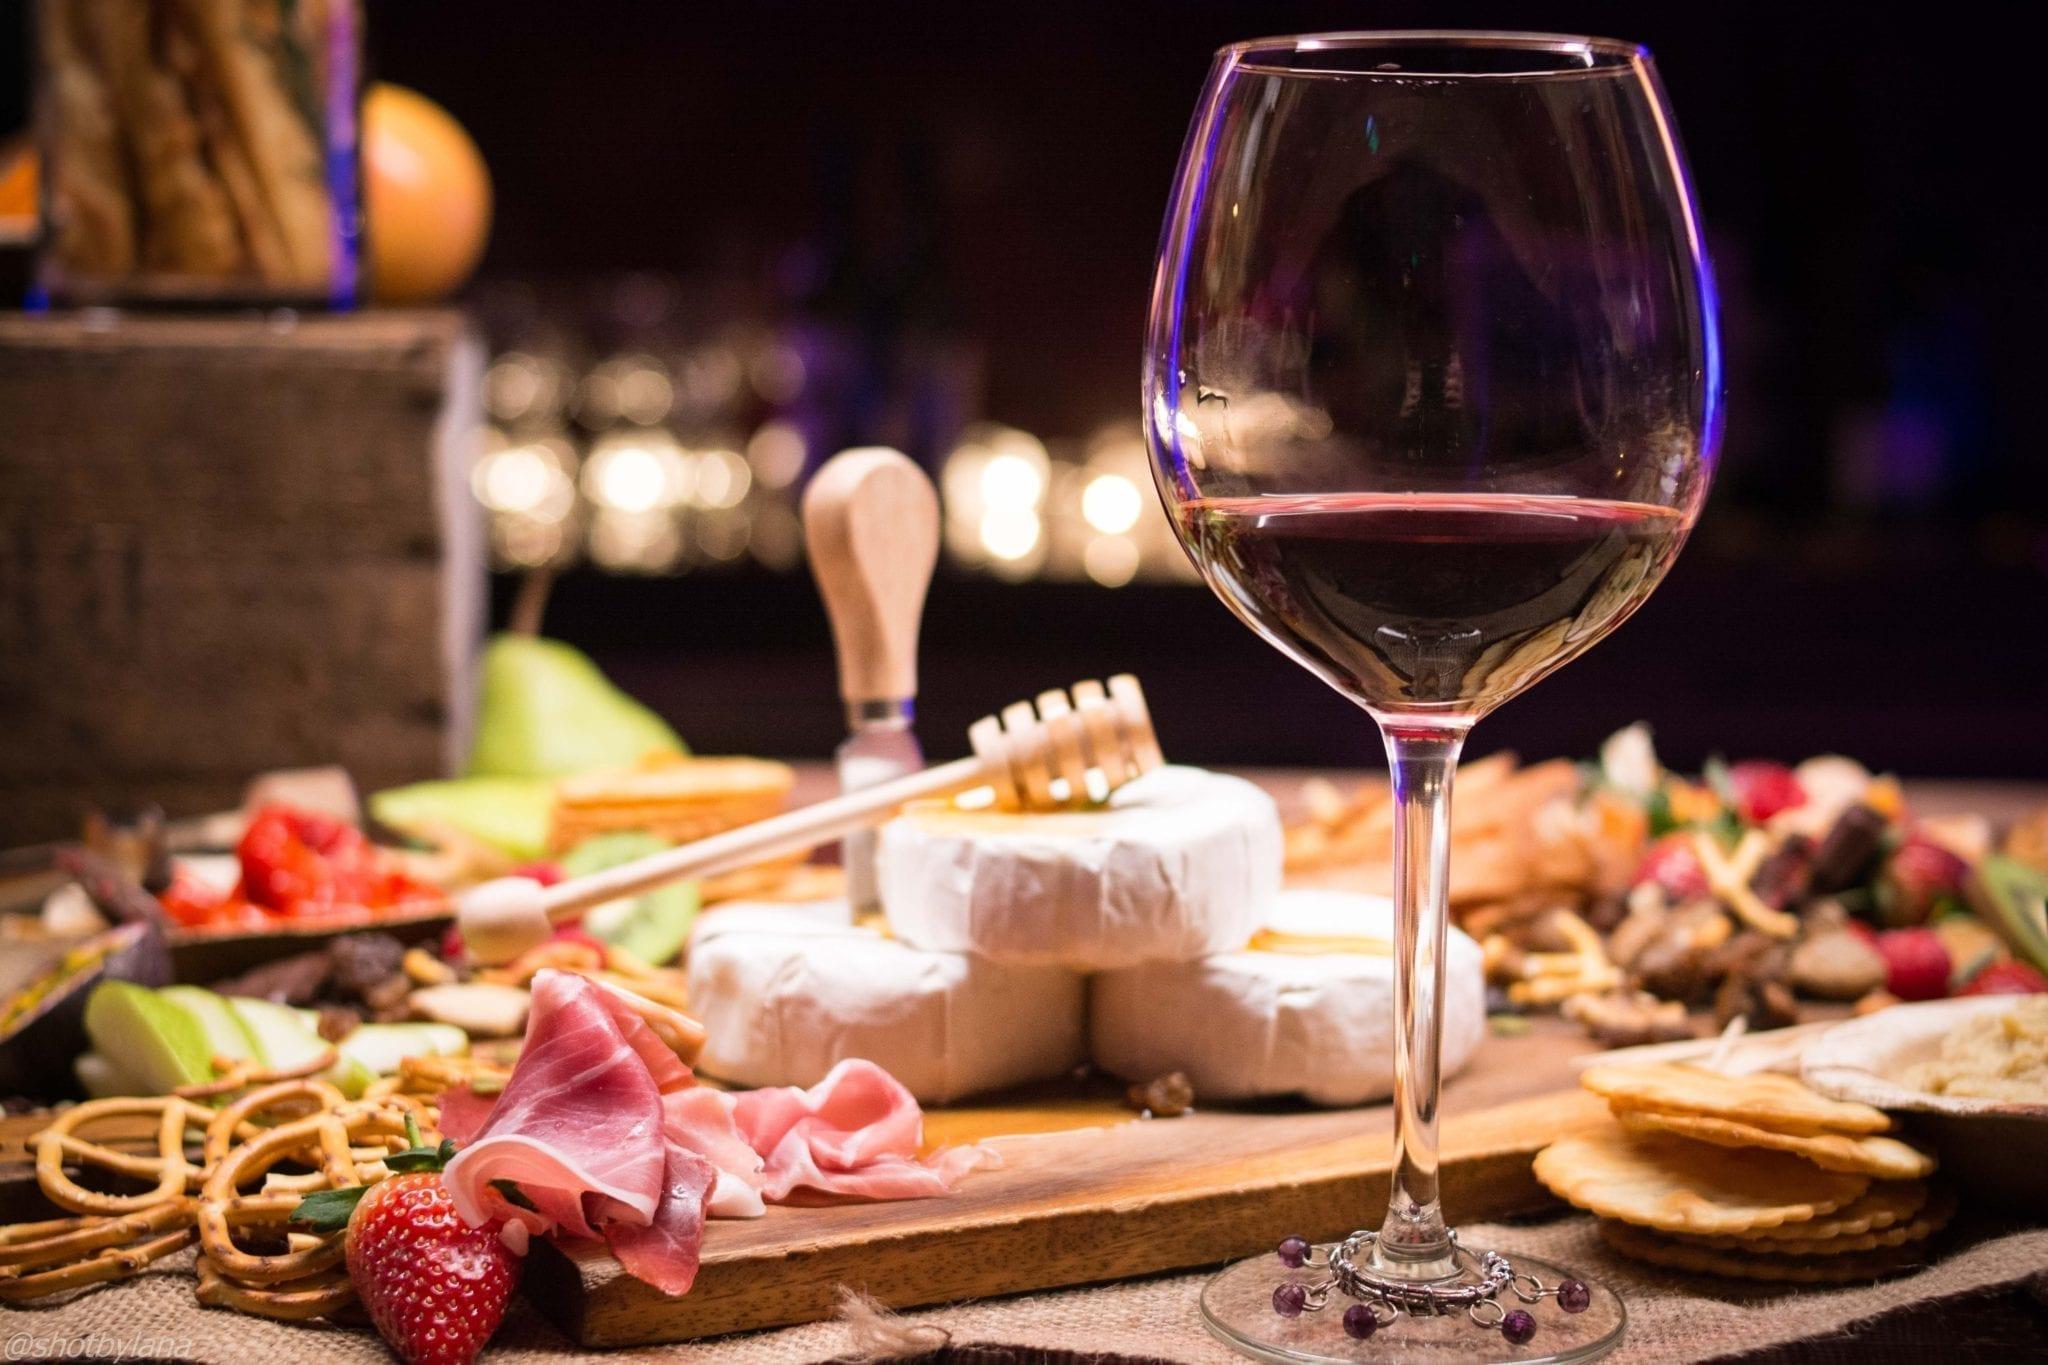 Comment organiser un évènement lié à la nourriture et aux boissons : Maintenir la bonne température pour le vin et l'accompagner de la bonne nourriture.